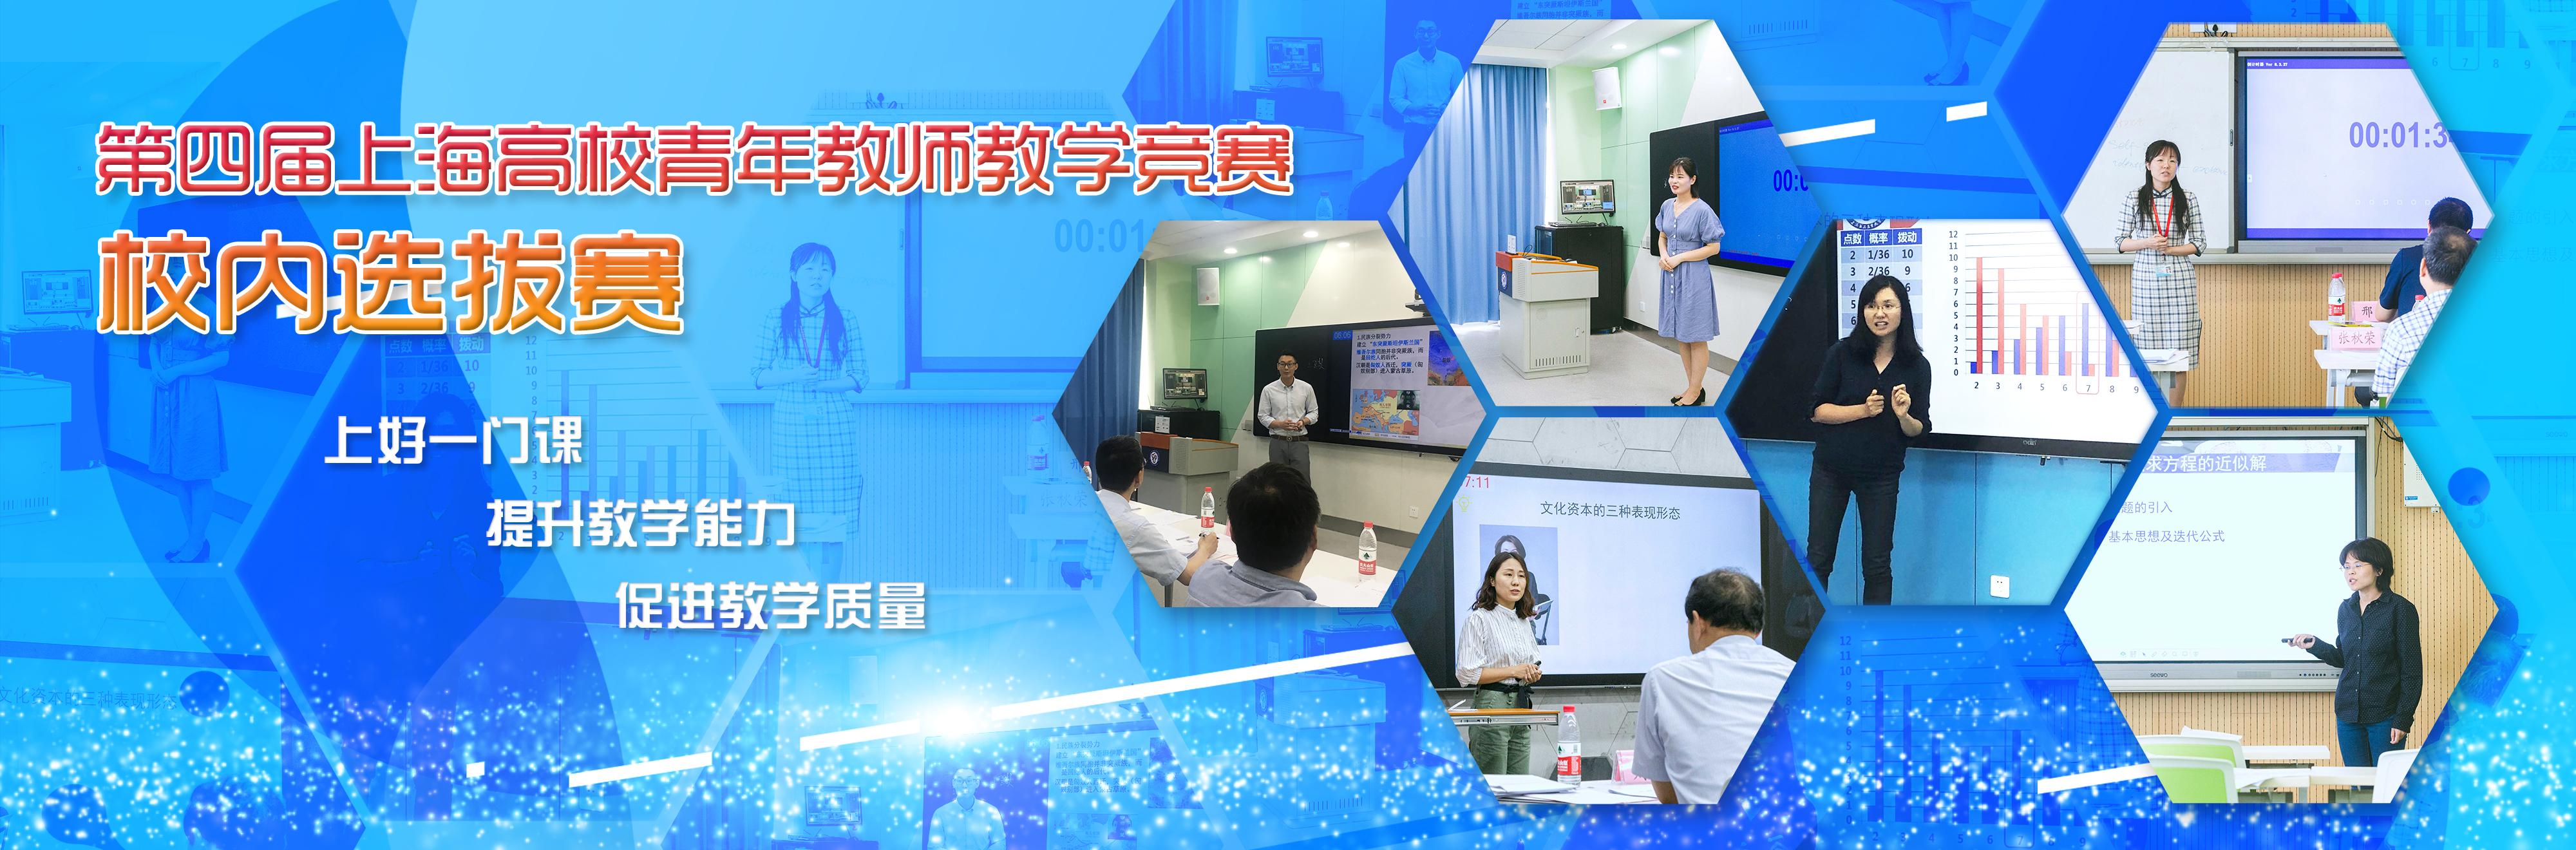 第四届上海高校青年教师教学竞赛校内选拔赛